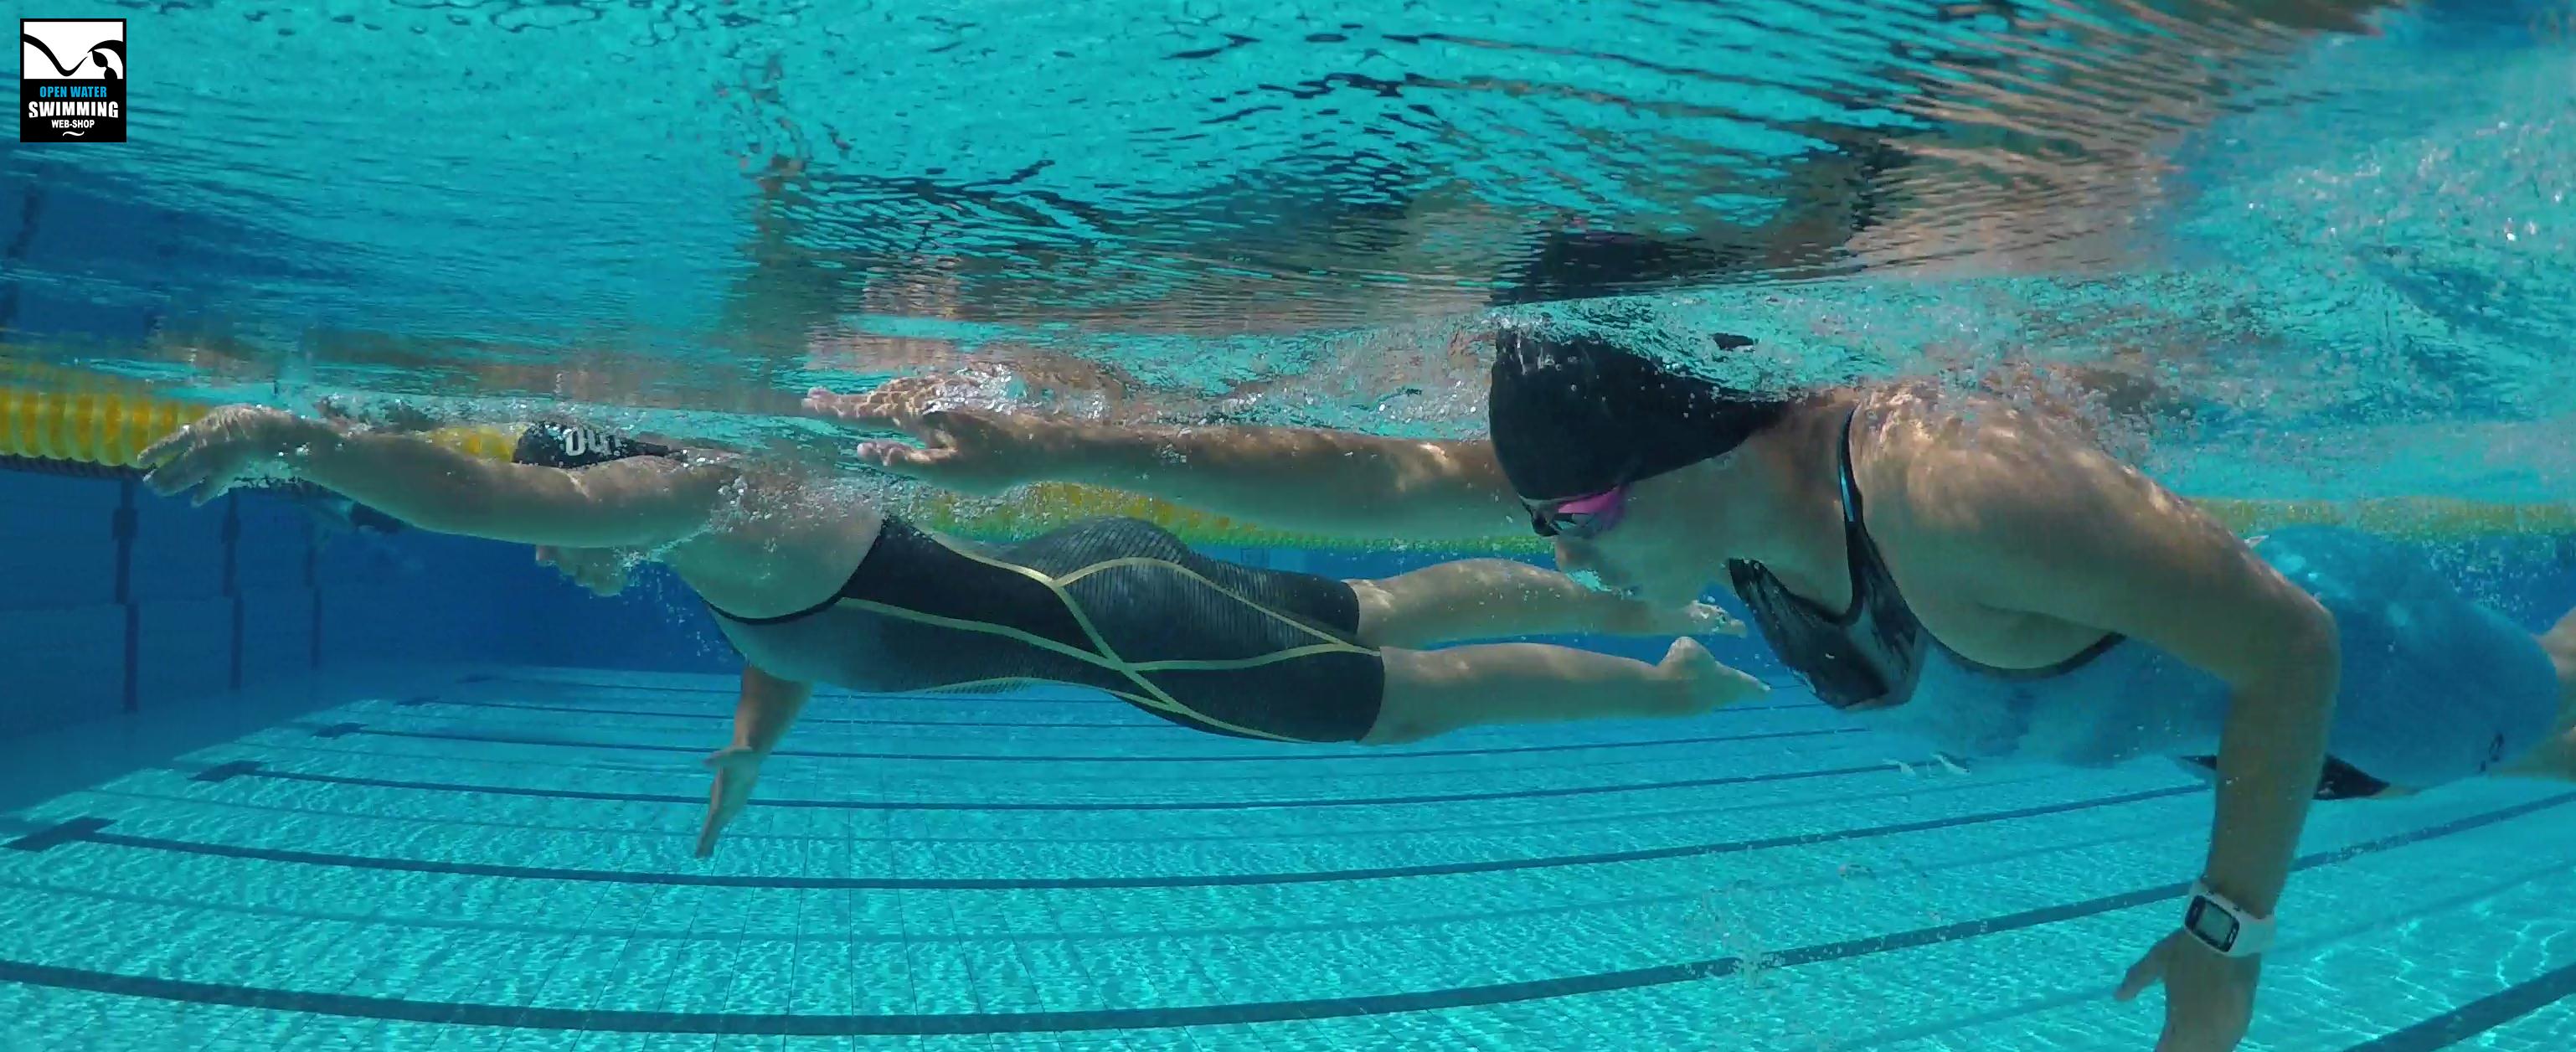 100x100 zwemmen in zwembad